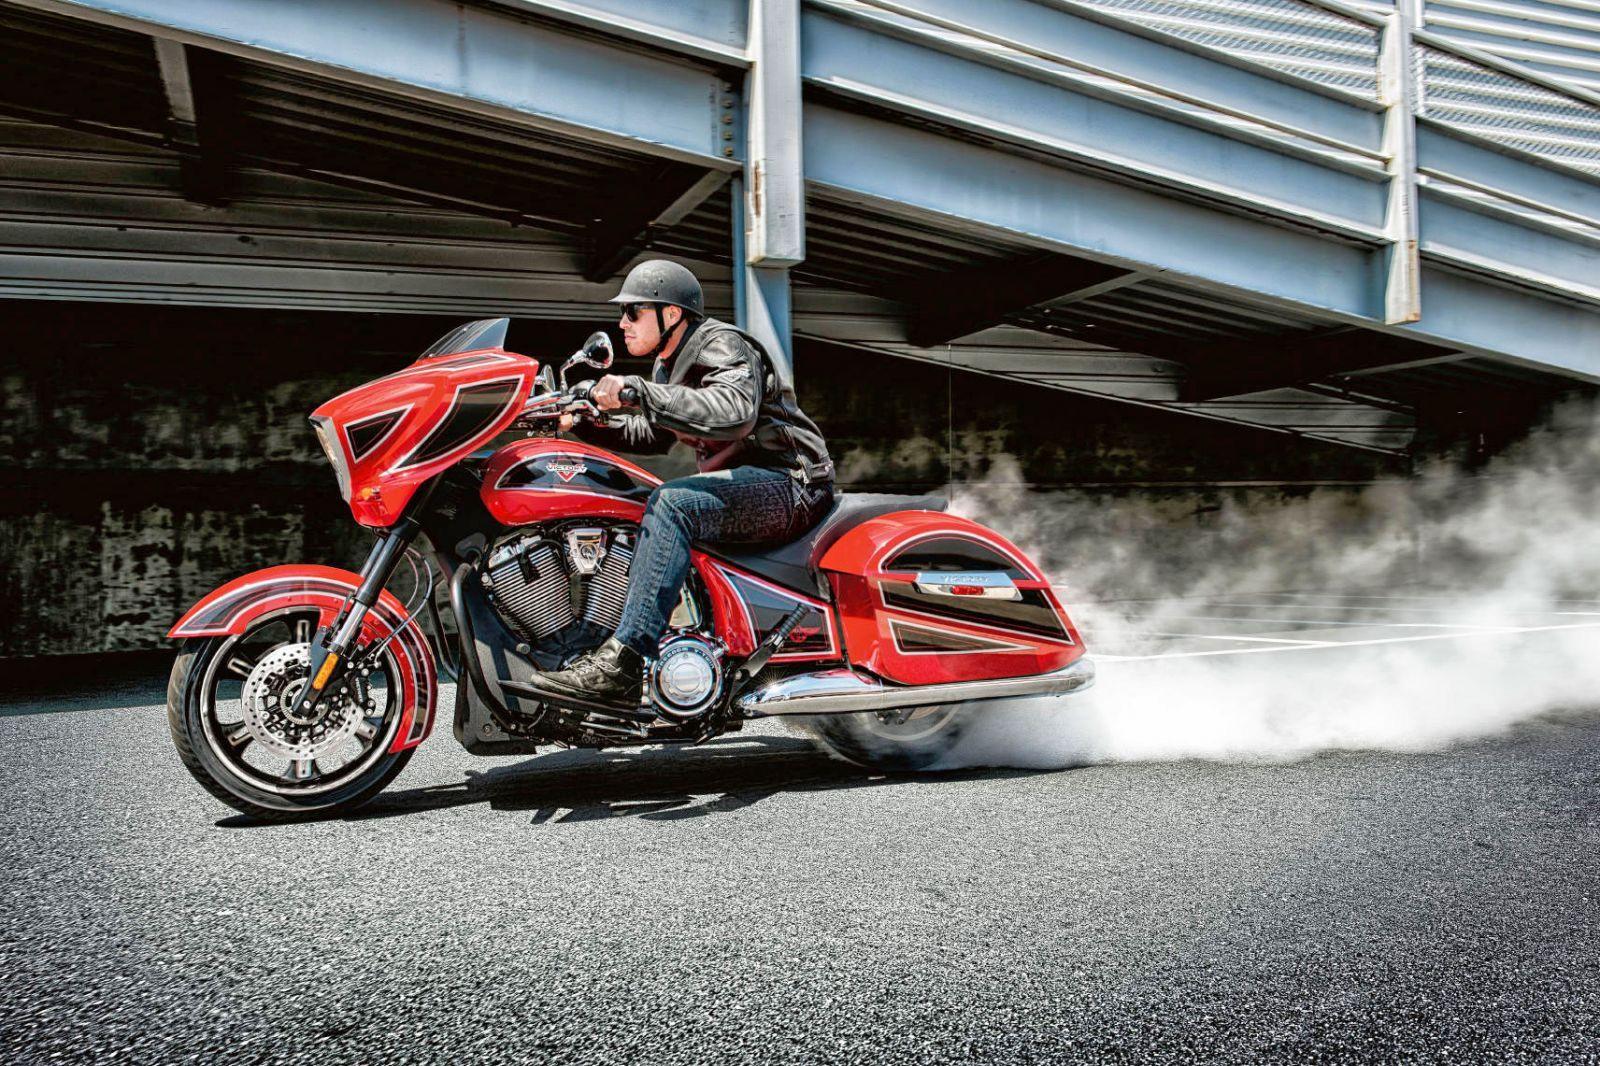 victory petit constructeur de moto am ricaine de l 39 iowa moto scooter motos d 39 occasion. Black Bedroom Furniture Sets. Home Design Ideas